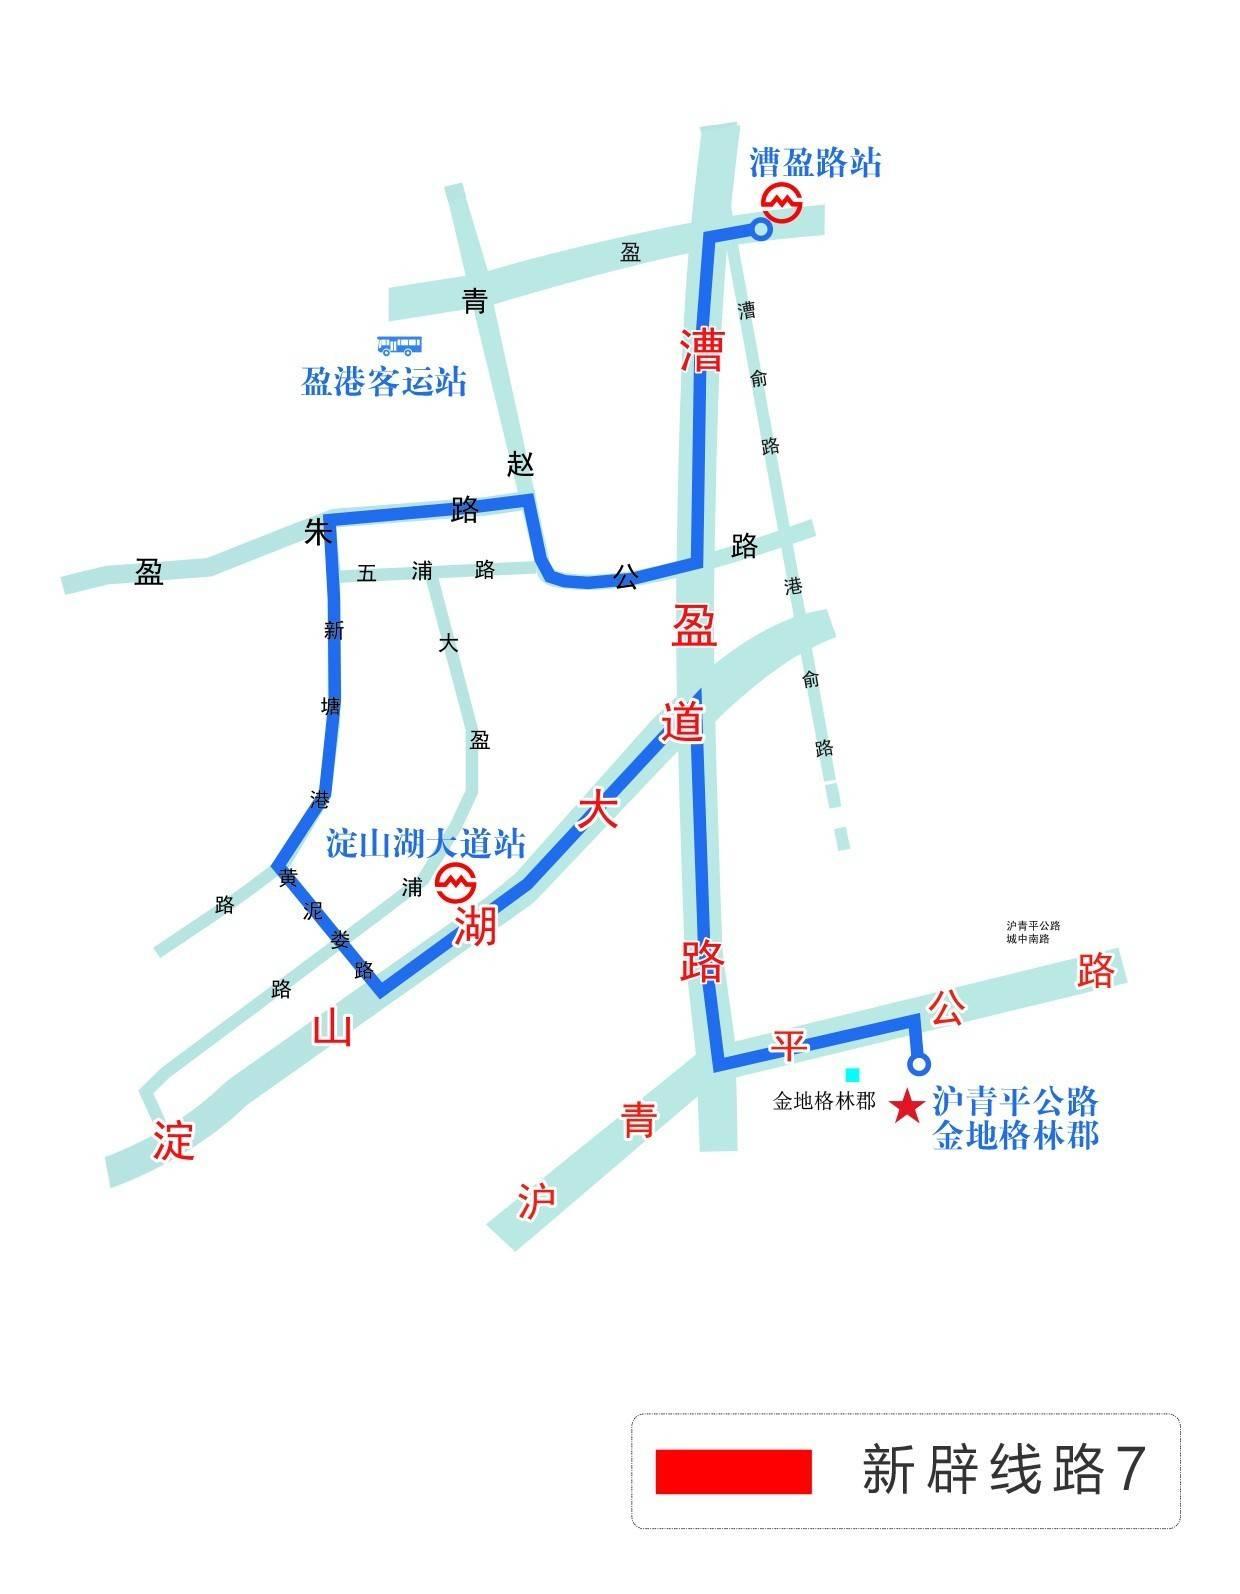 【振武传媒】北京公交郊80路行驶视频